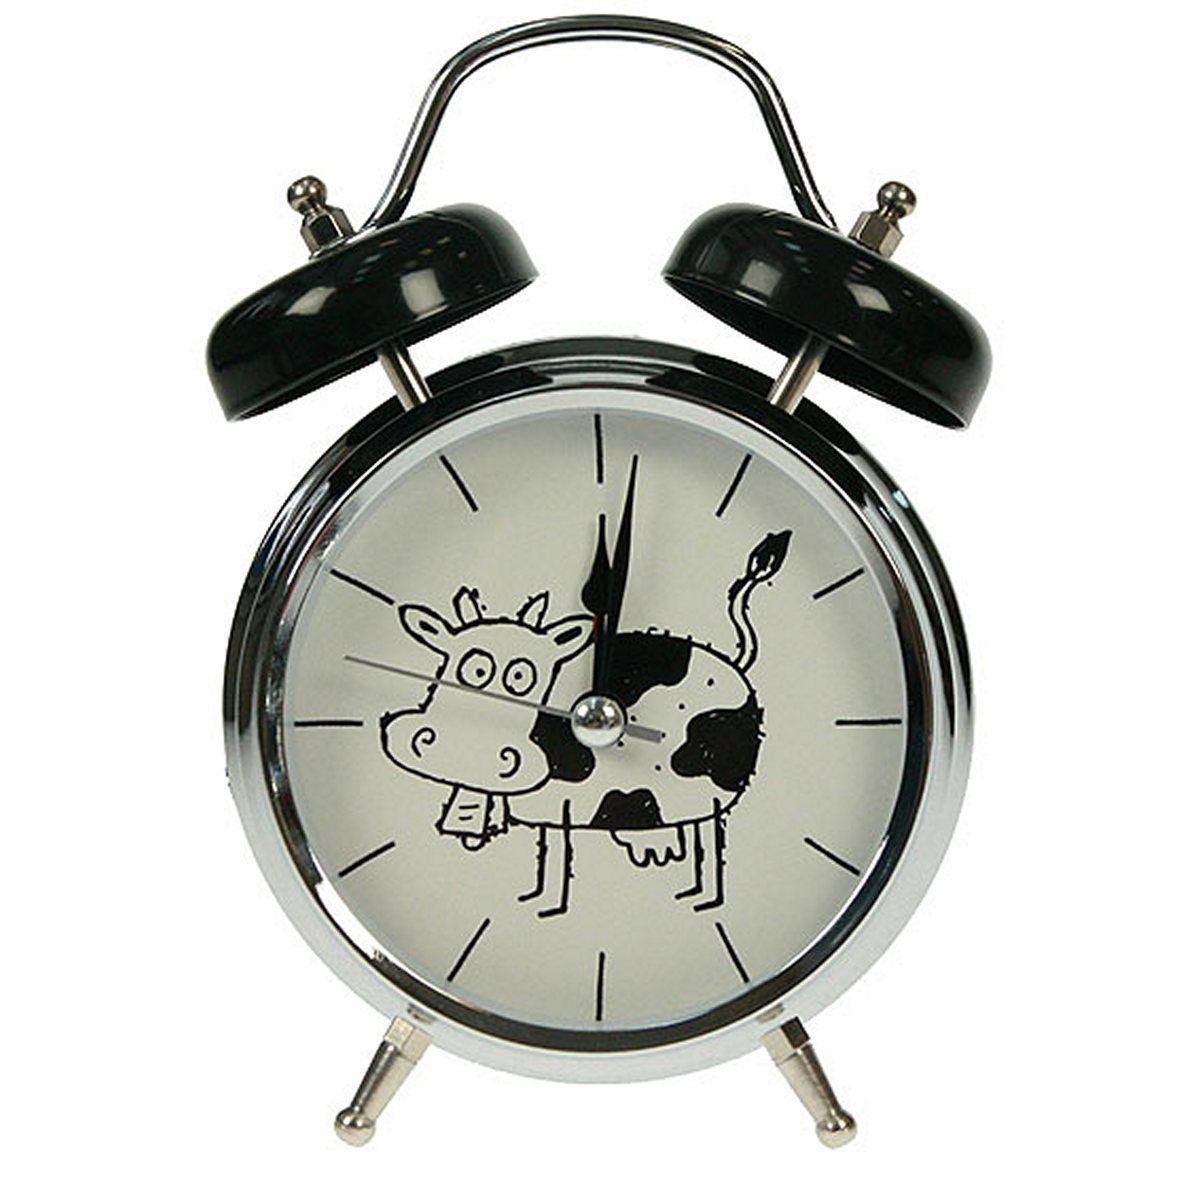 Часы настольные Русские Подарки Корова, с функцией будильника, 12 х 6 х 17 см. 232416232416Настольные кварцевые часы Русские Подарки Корова изготовлены из металла, циферблат защищен стеклом. Оригинальное оформление в виде смешной коровы поднимет настроение, а благодаря функции будильника вы проснетесь вовремя. Часы имеют три стрелки - часовую, минутную и секундную. Такие часы украсят интерьер дома или рабочий стол в офисе. Также часы могут стать уникальным, полезным подарком для родственников, коллег, знакомых и близких. Часы работают от батареек типа АА (в комплект не входят).